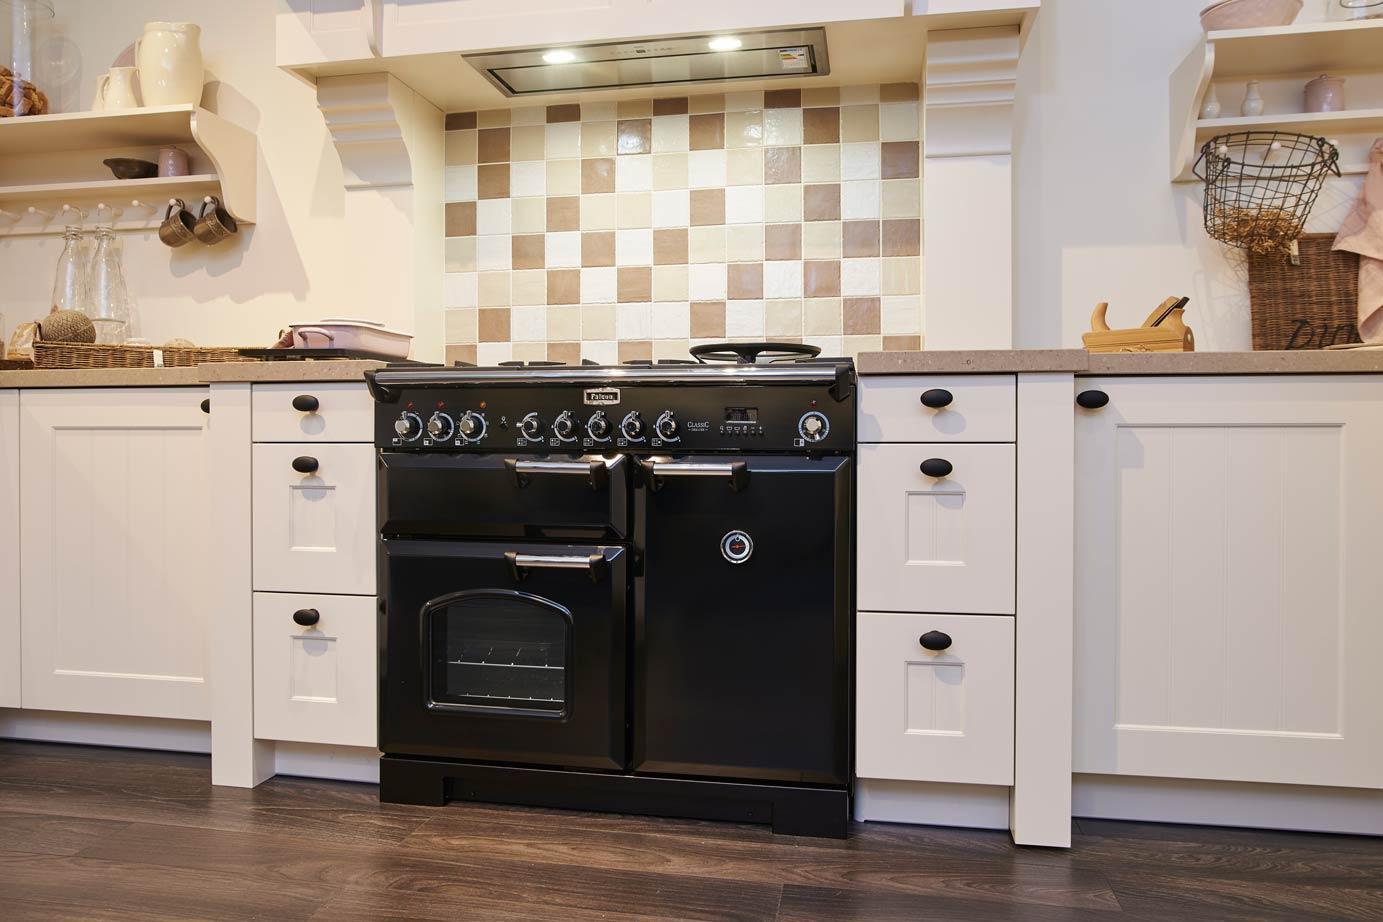 keuken tegels landelijke stijl : Vloertegels Landelijk Cheap Landelijk Rustiek With Vloertegels